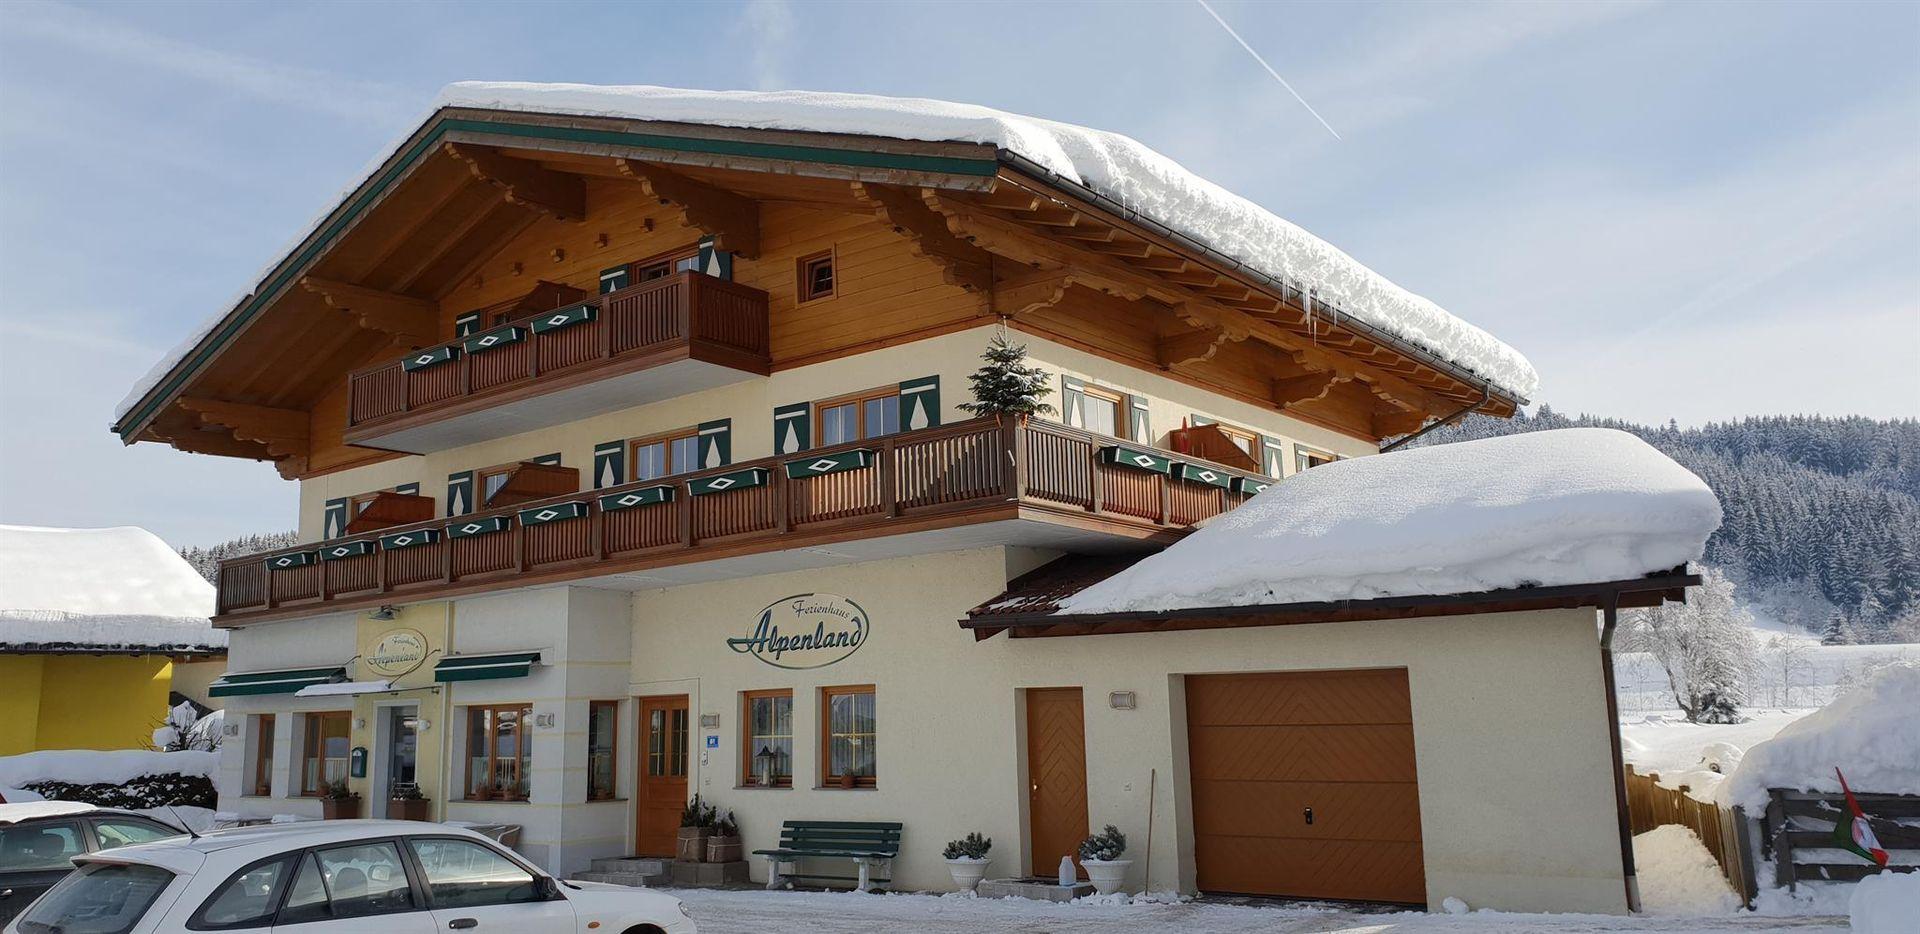 Slide1 - Ferienhaus Alpenland